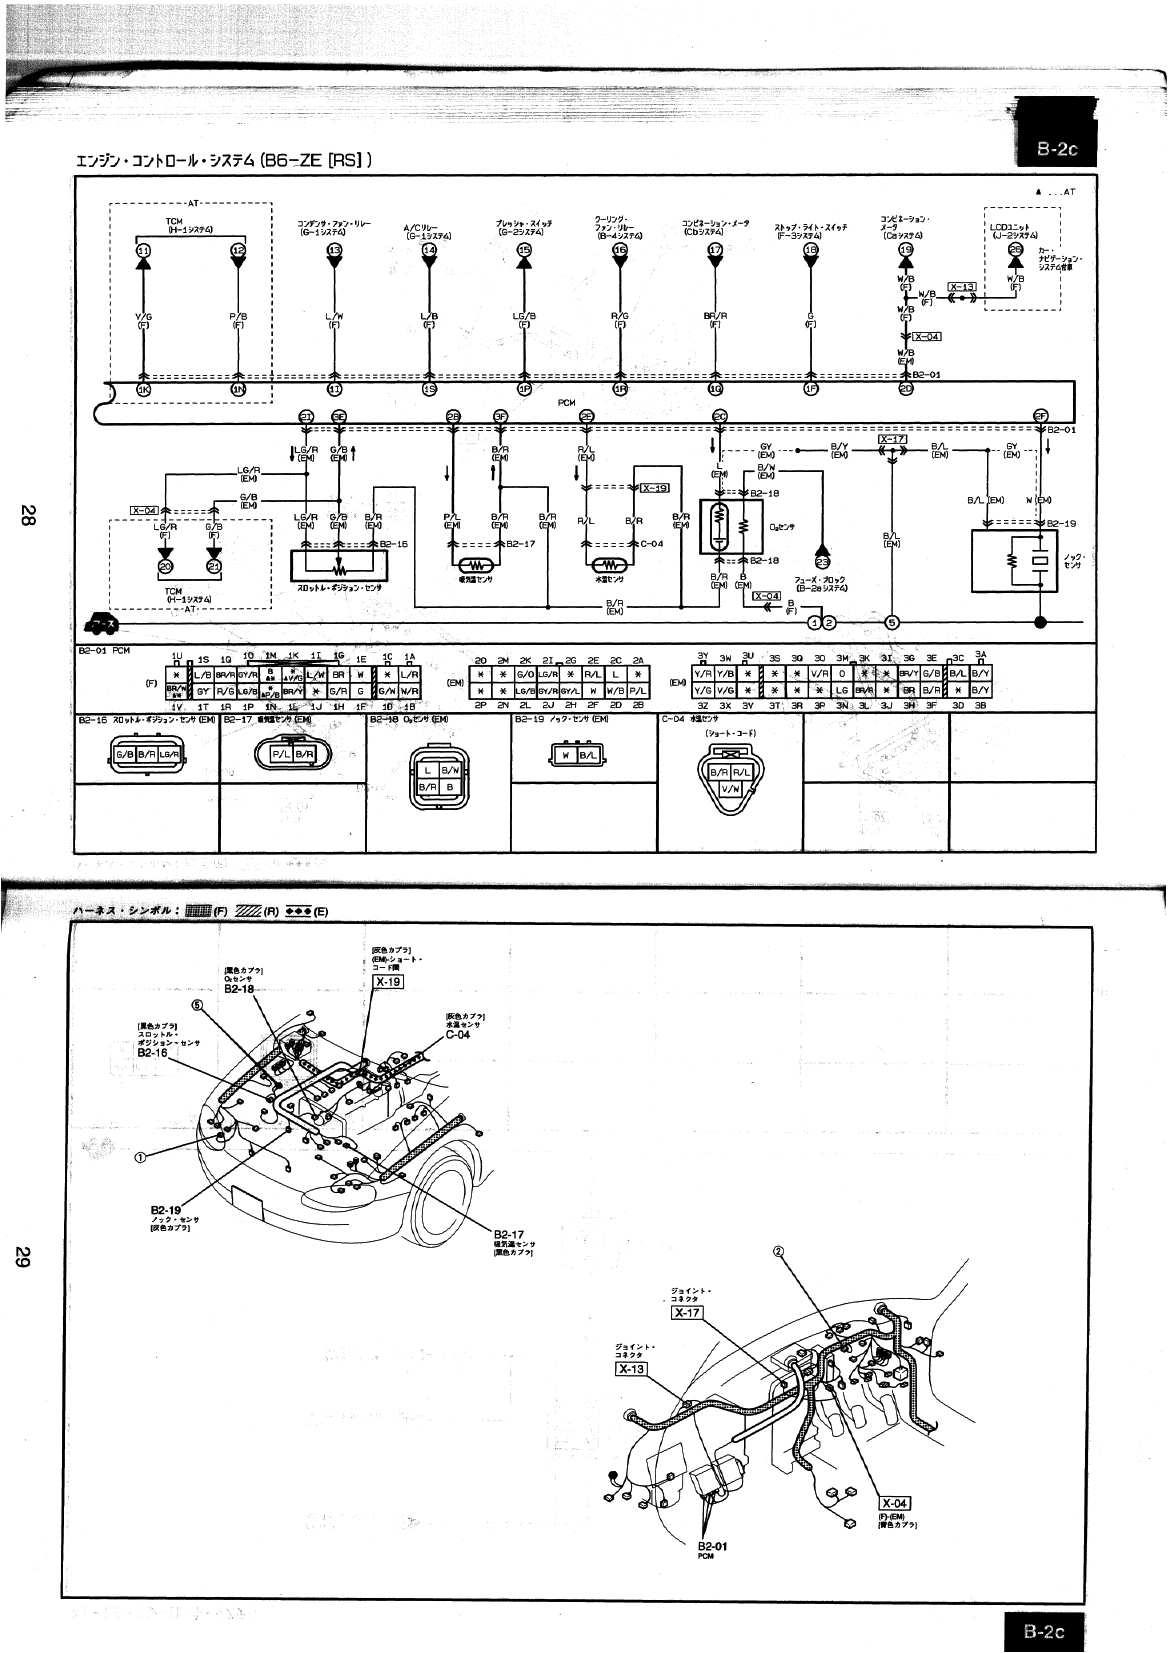 fd3s wiring diagram internet of things diagrams wiring fd3s wiring harness diagram fd3s ignition wiring diagram